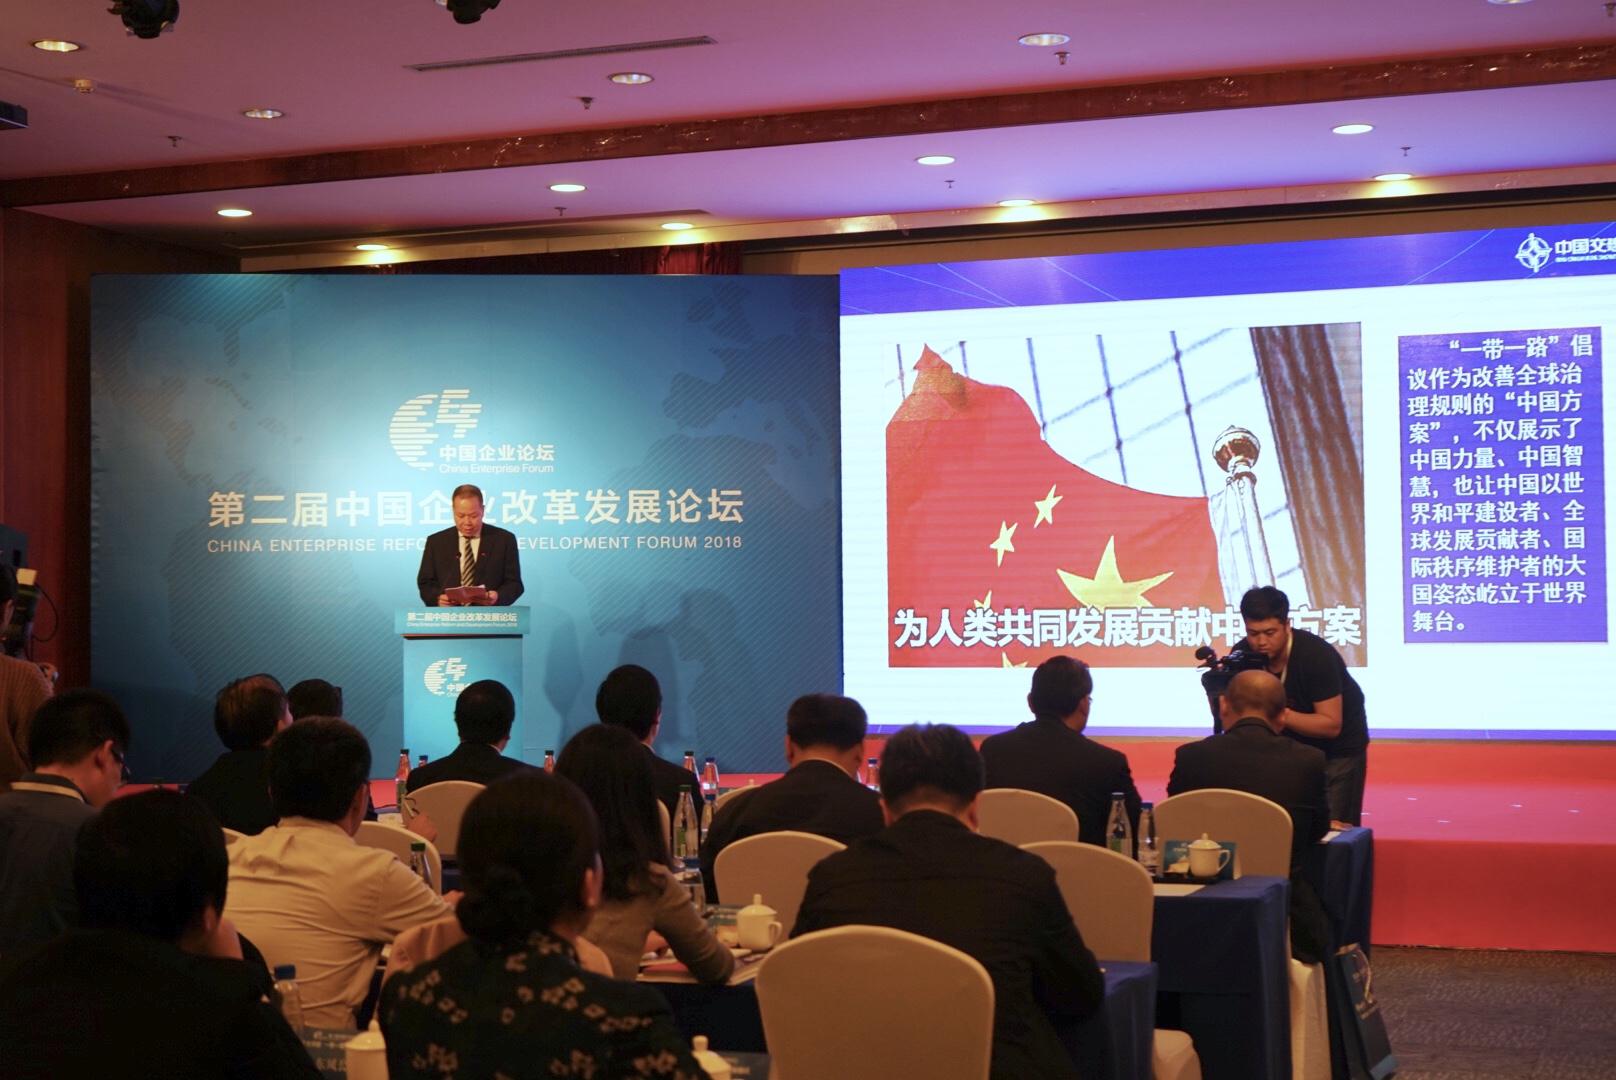 """中国企业改革发展论坛——""""一带一路""""共建共享新模式"""